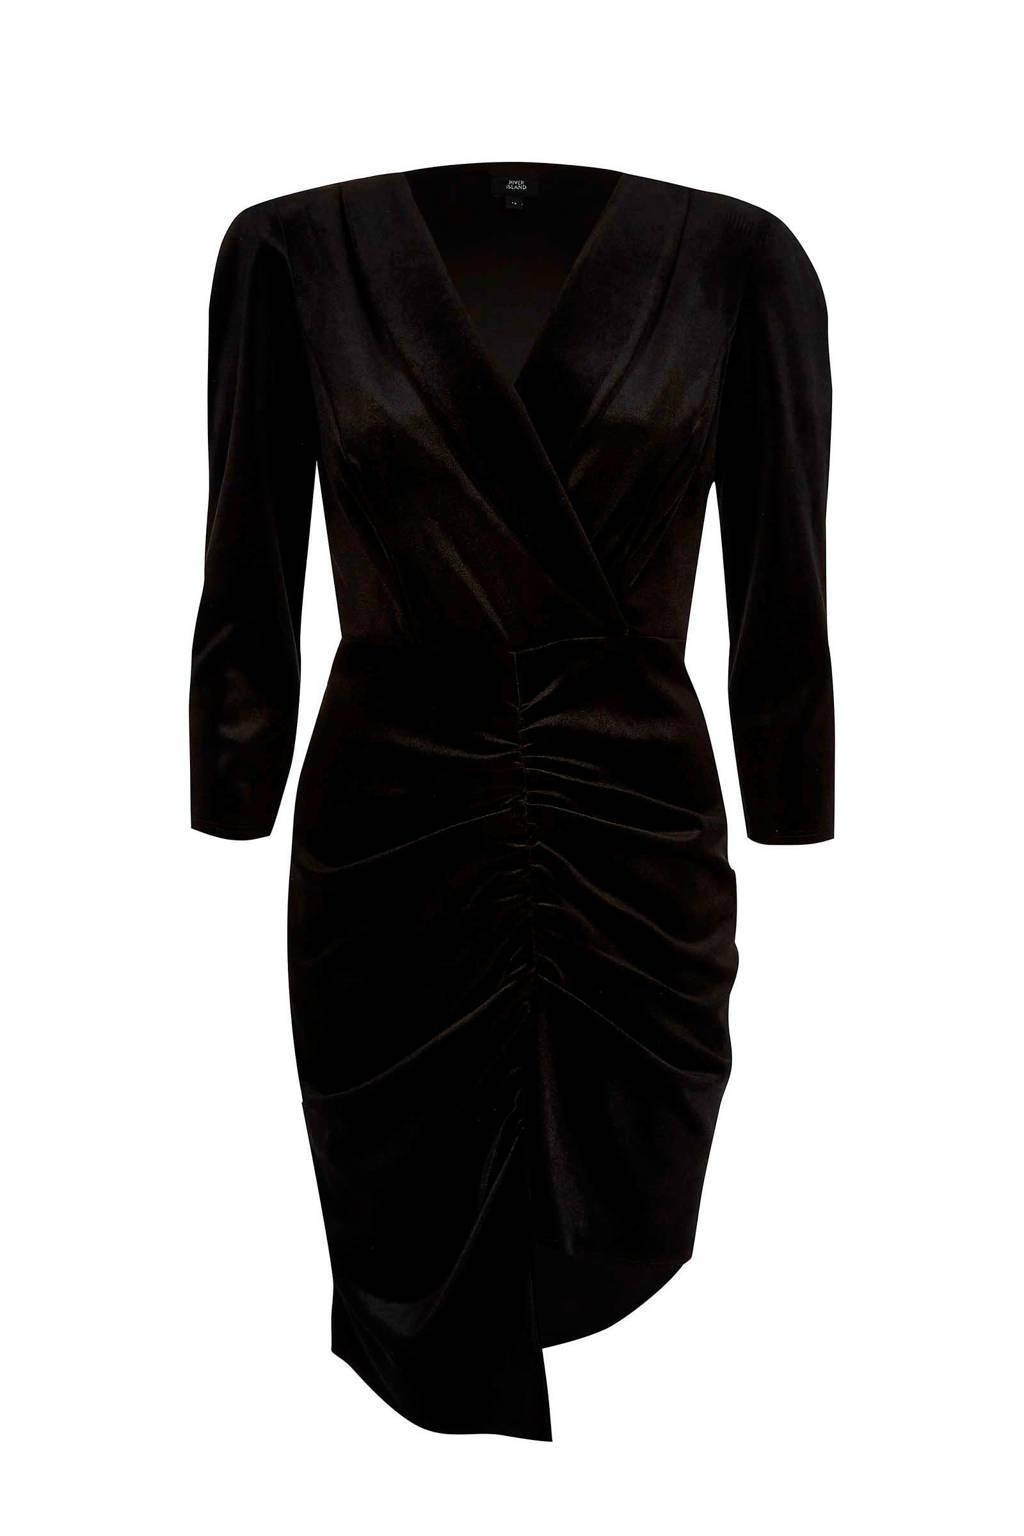 River Island fluwelen jurk, Zwart